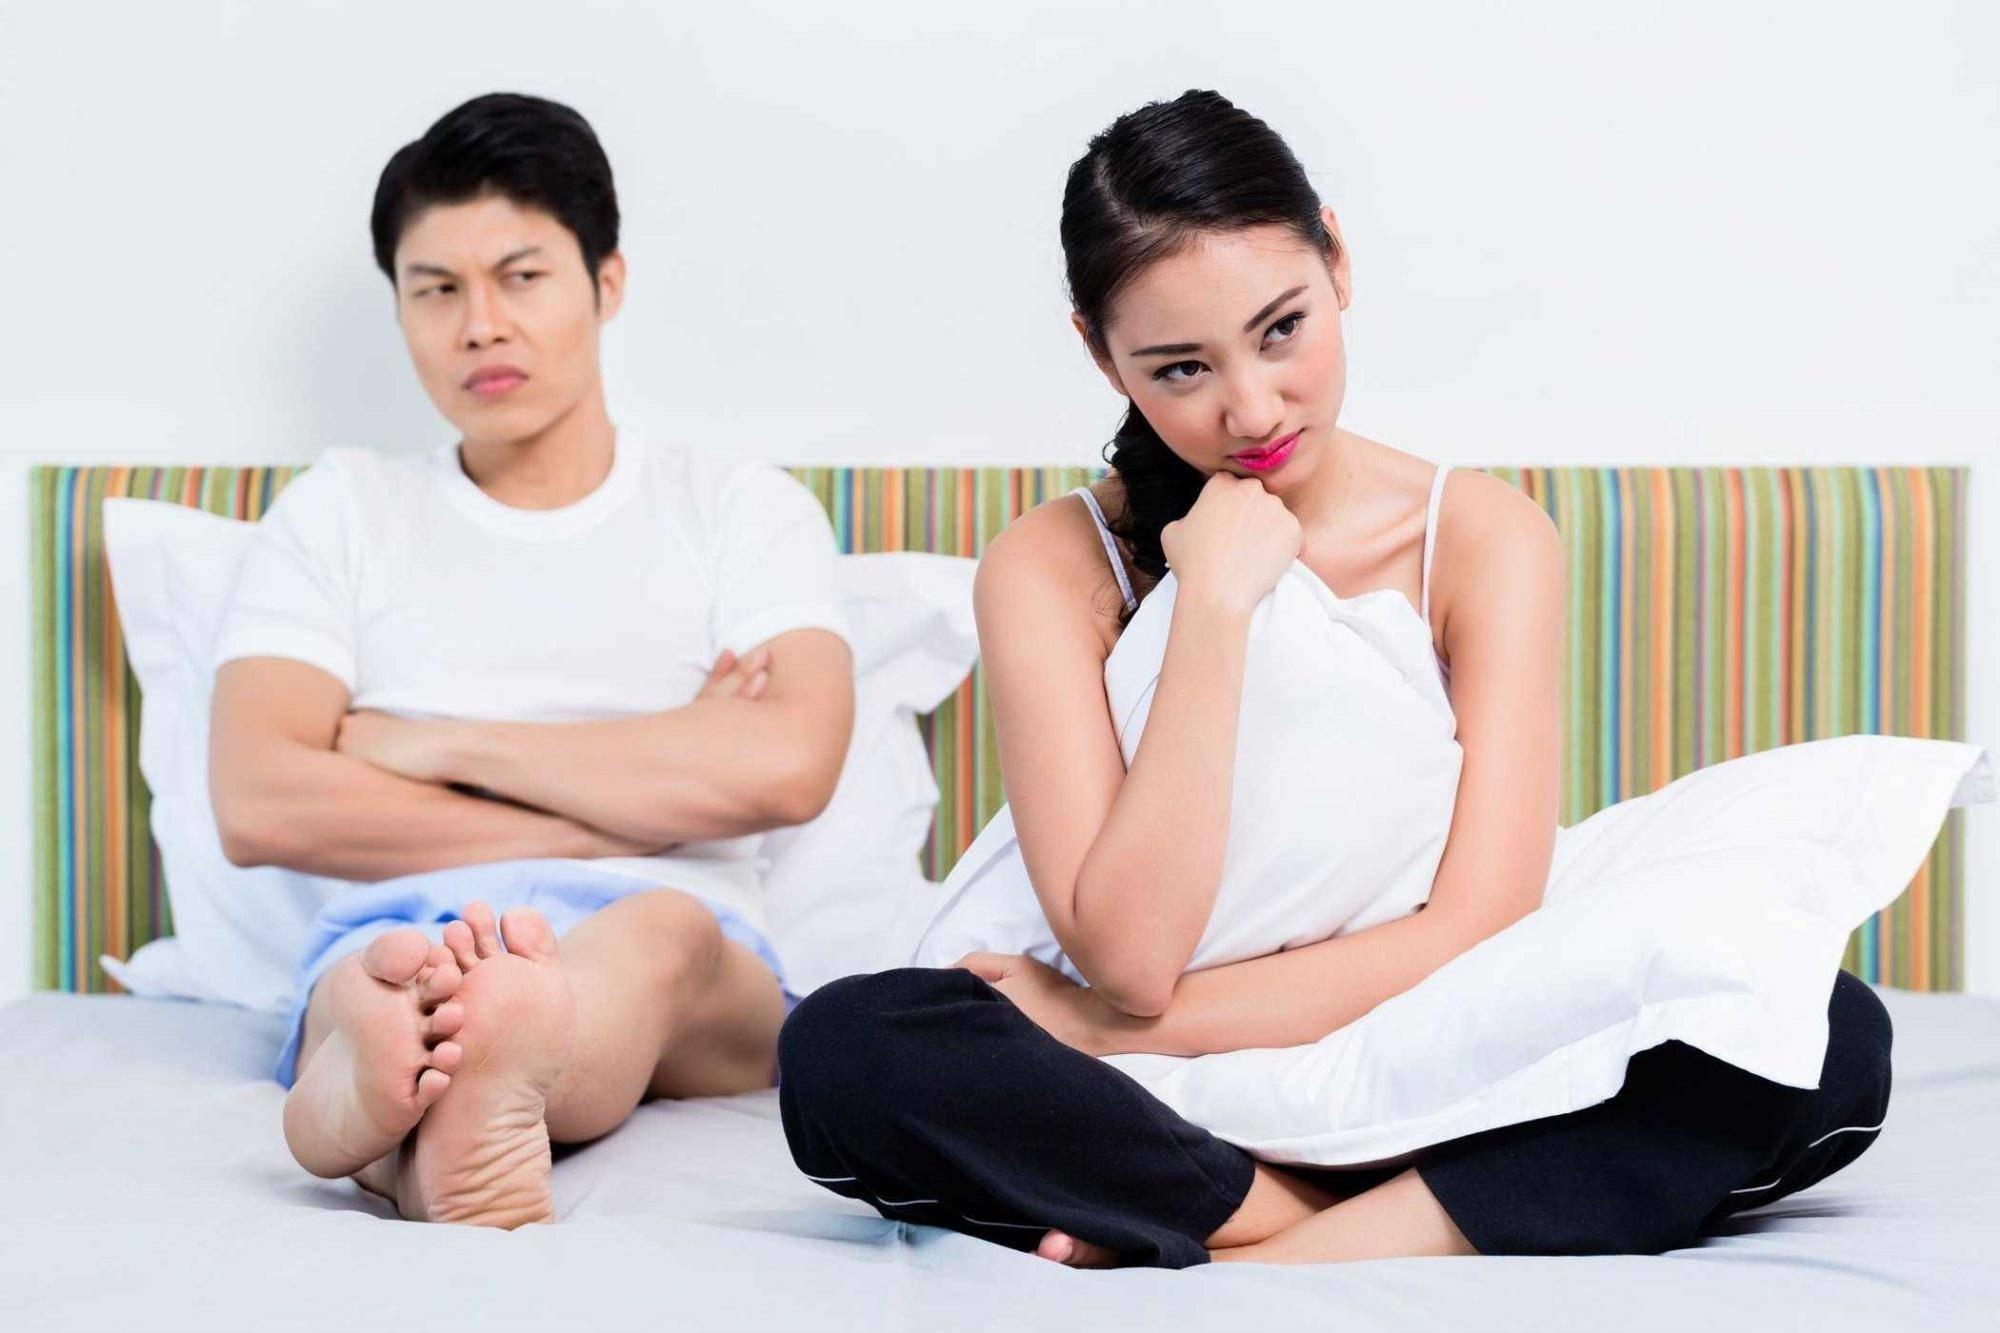 6 câu nói 'nguy hiểm chết người' vợ đừng dại dột thốt ra kẻo hôn nhân bị giết bởi chính miệng mình - Ảnh 4